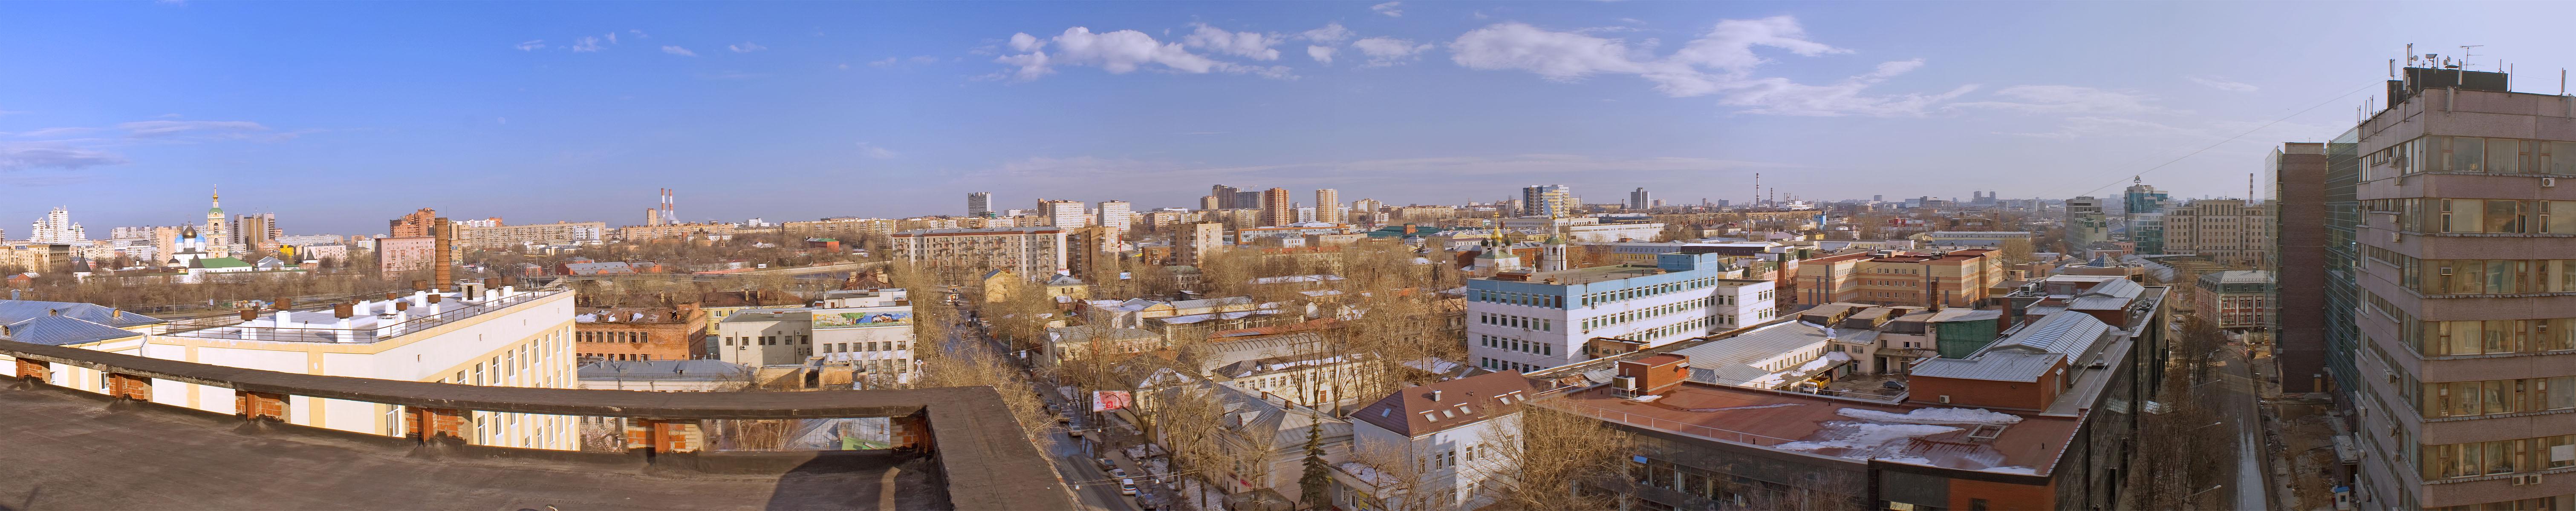 Фото панорамы ленингадского вокзала москвы 5